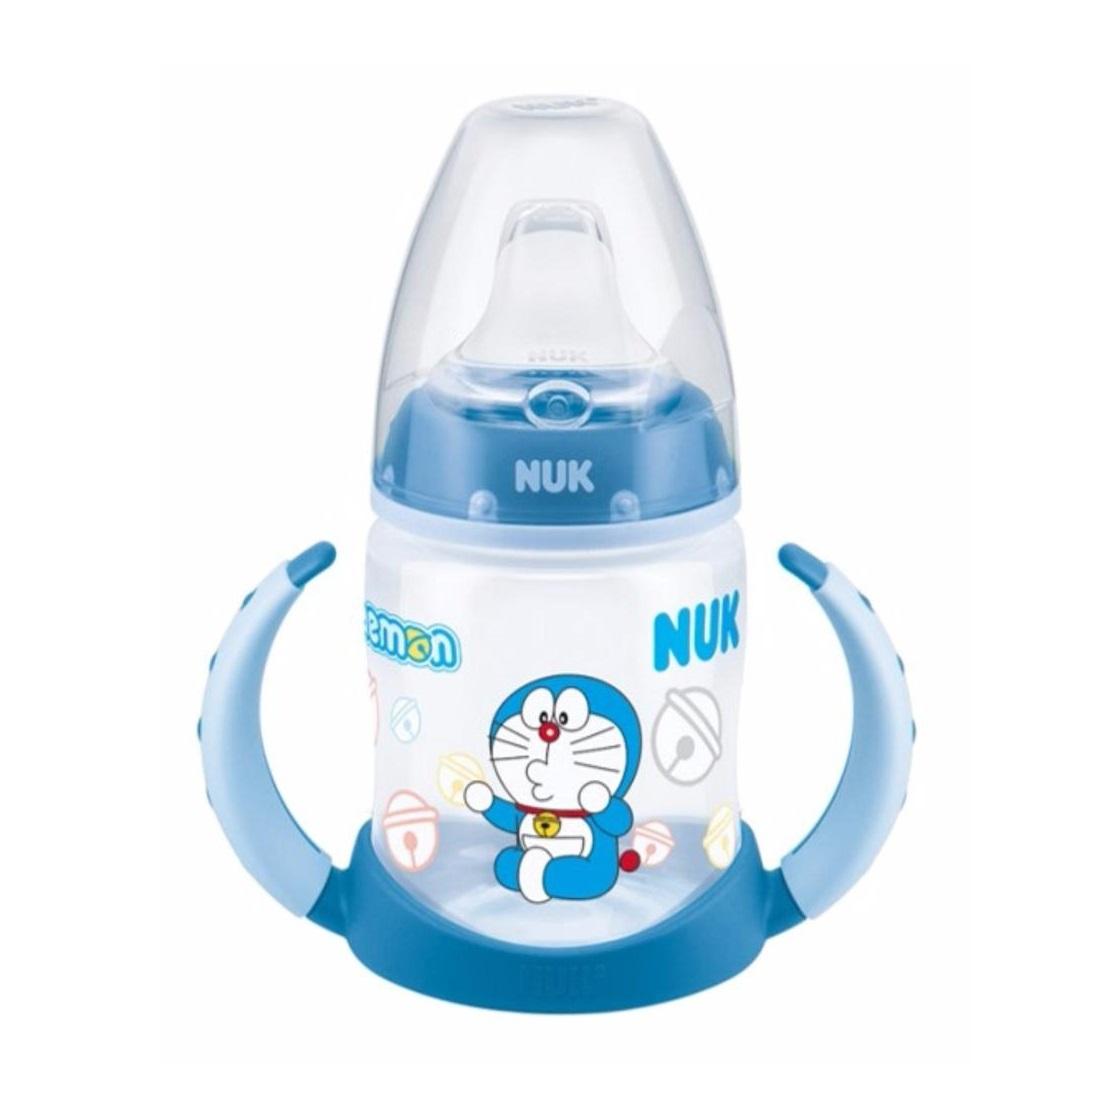 NUK Silicone Spout Learner Bottle (Doraemon)